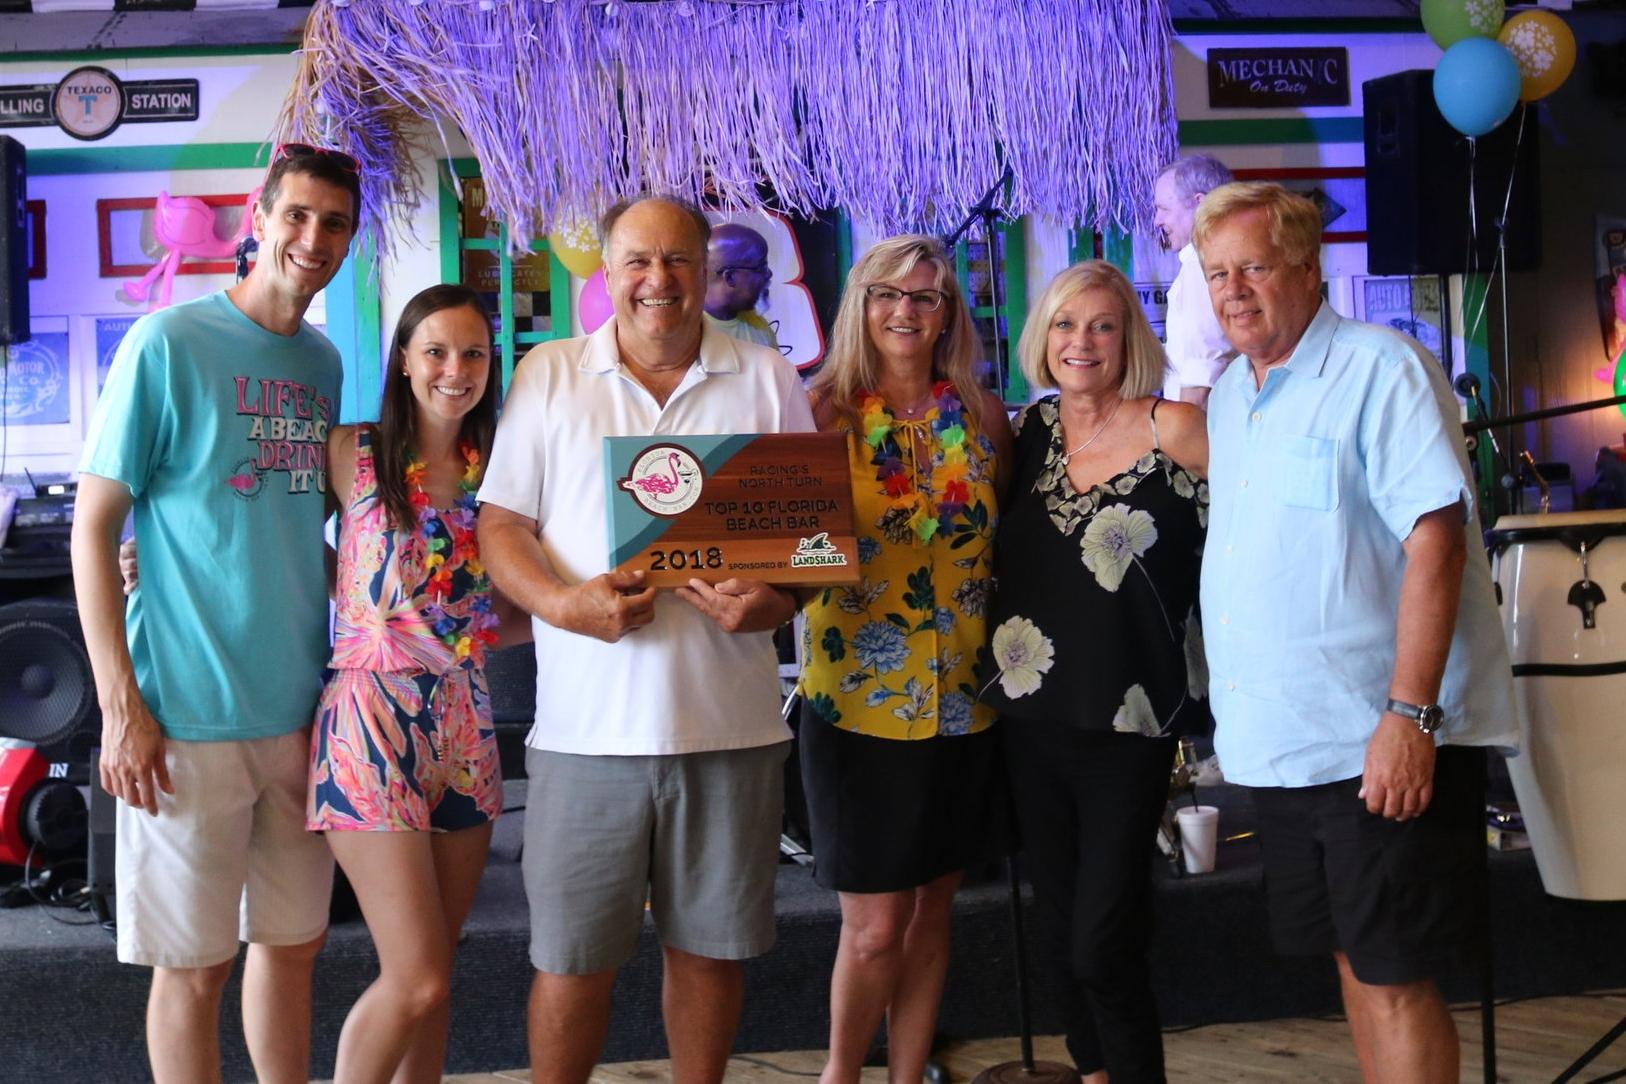 2018 Top Florida Beach Bar award party at Racing's North Turn